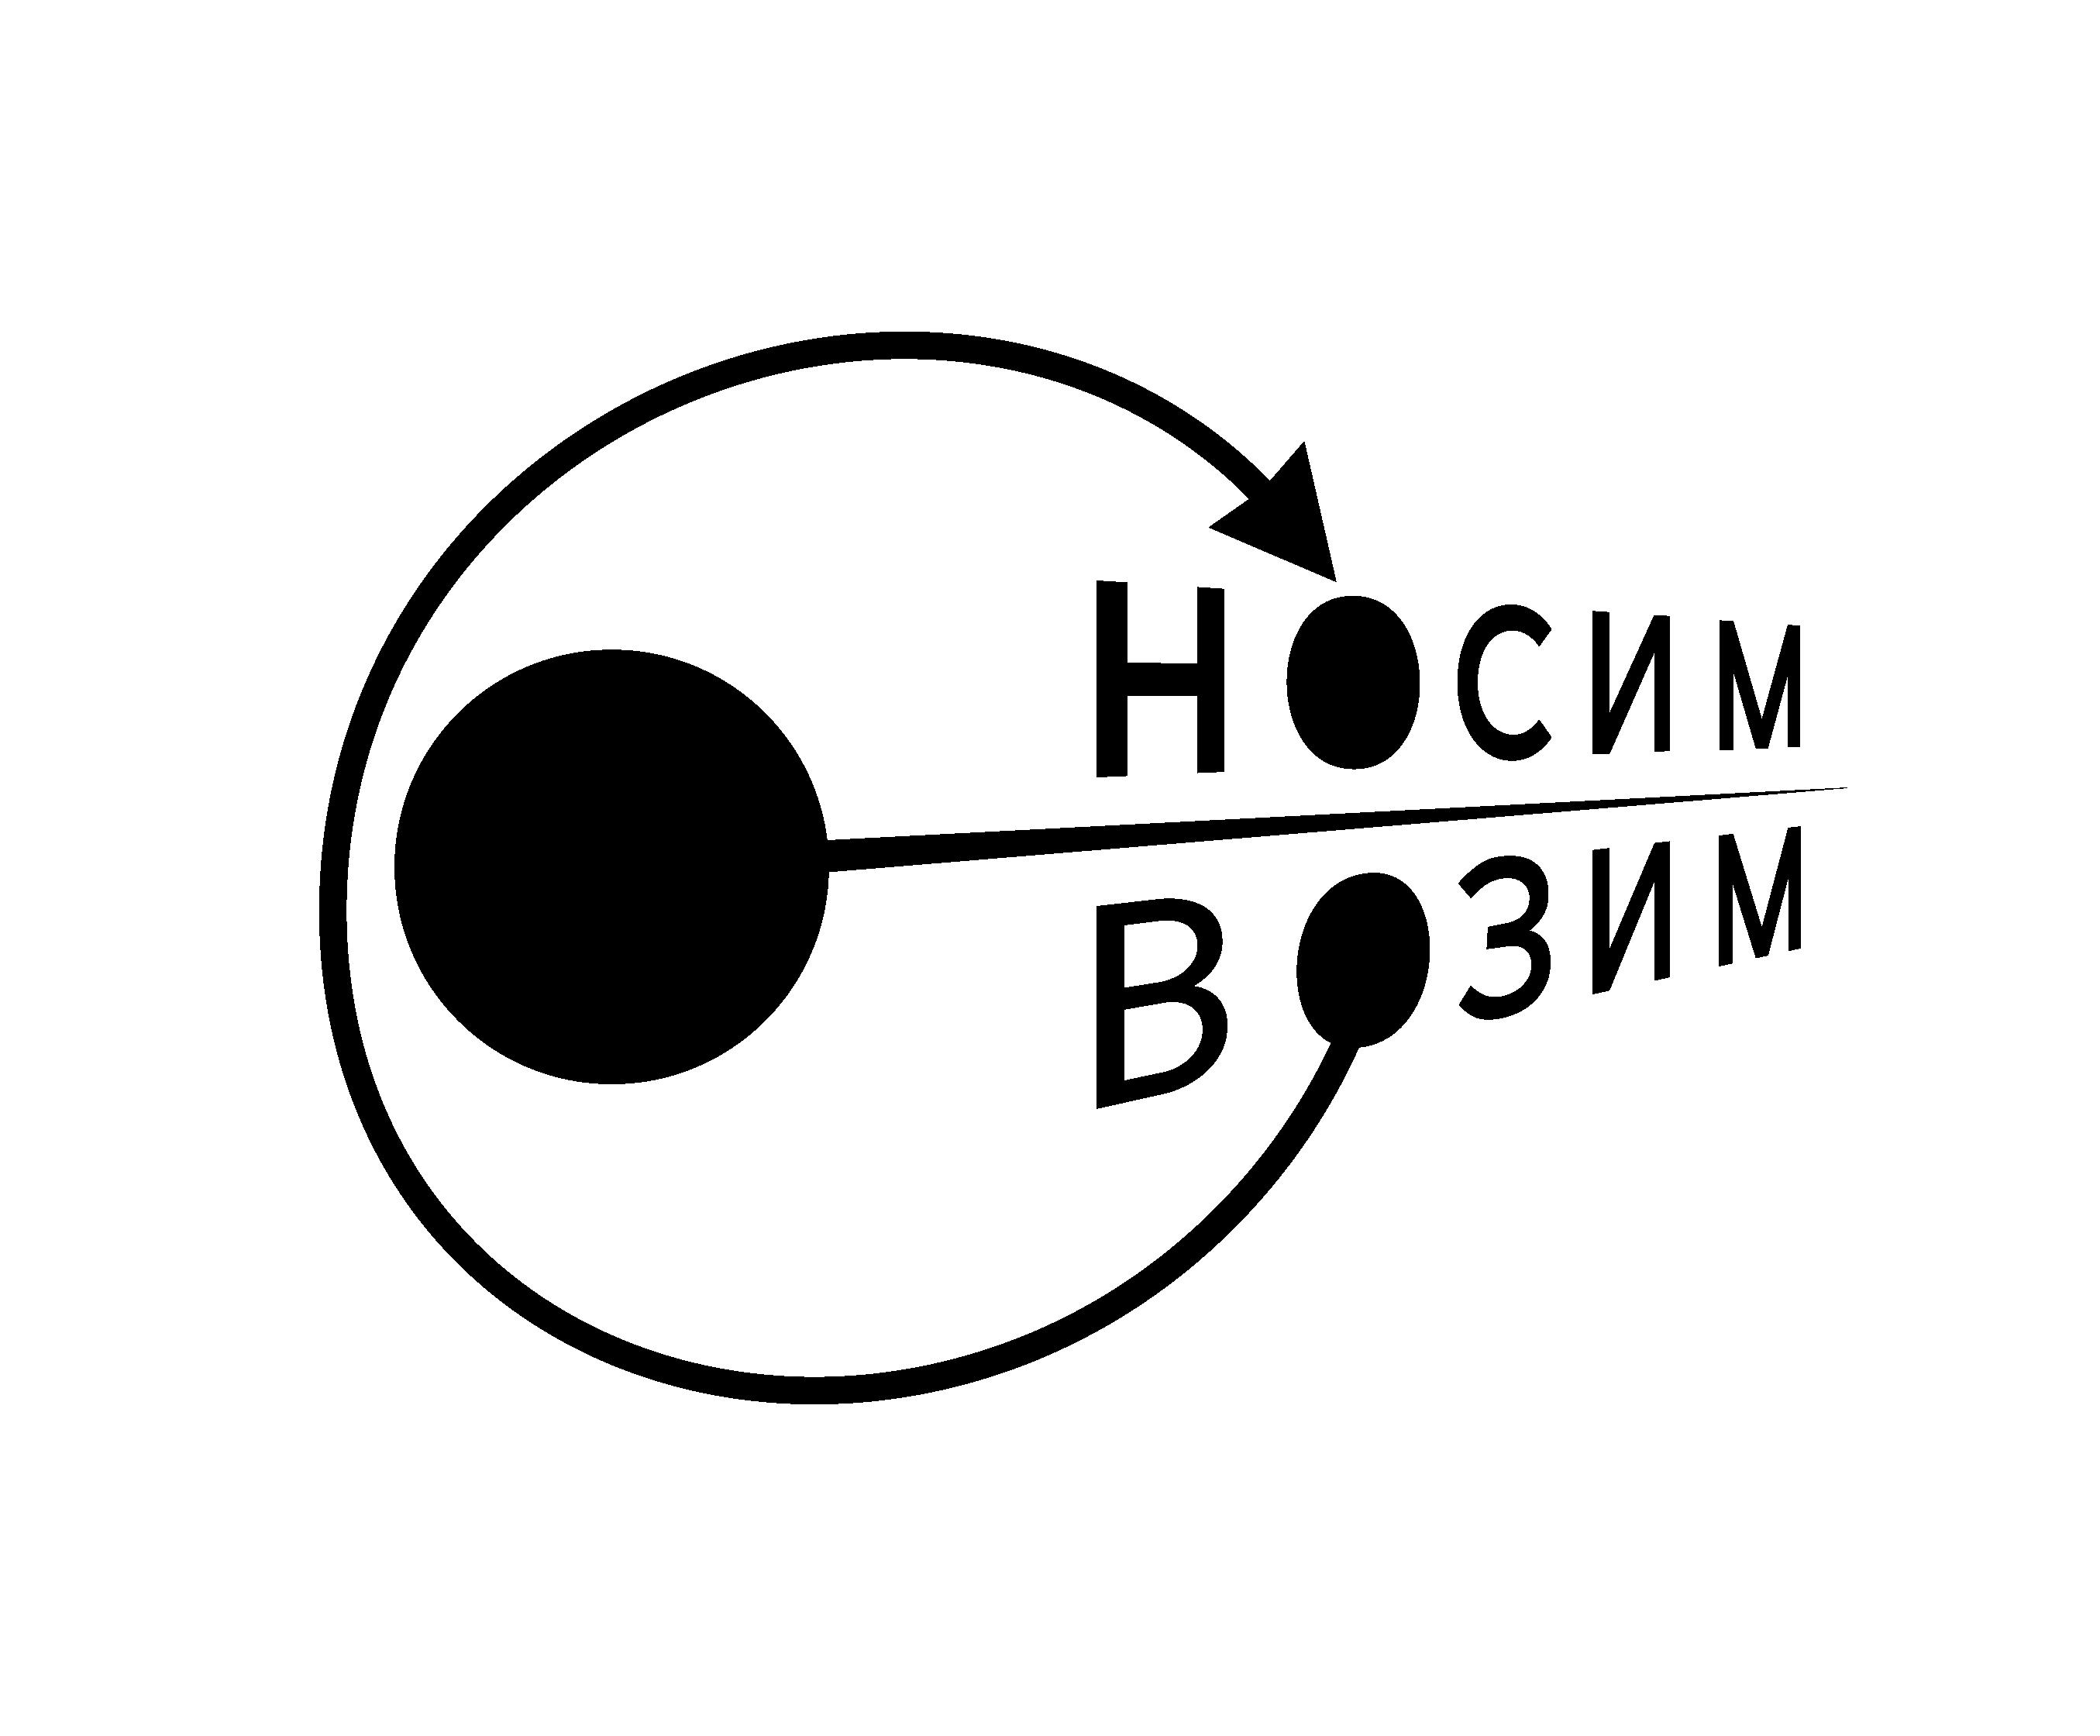 Логотип компании по перевозкам НосимВозим фото f_0735cf7e60146cbe.png